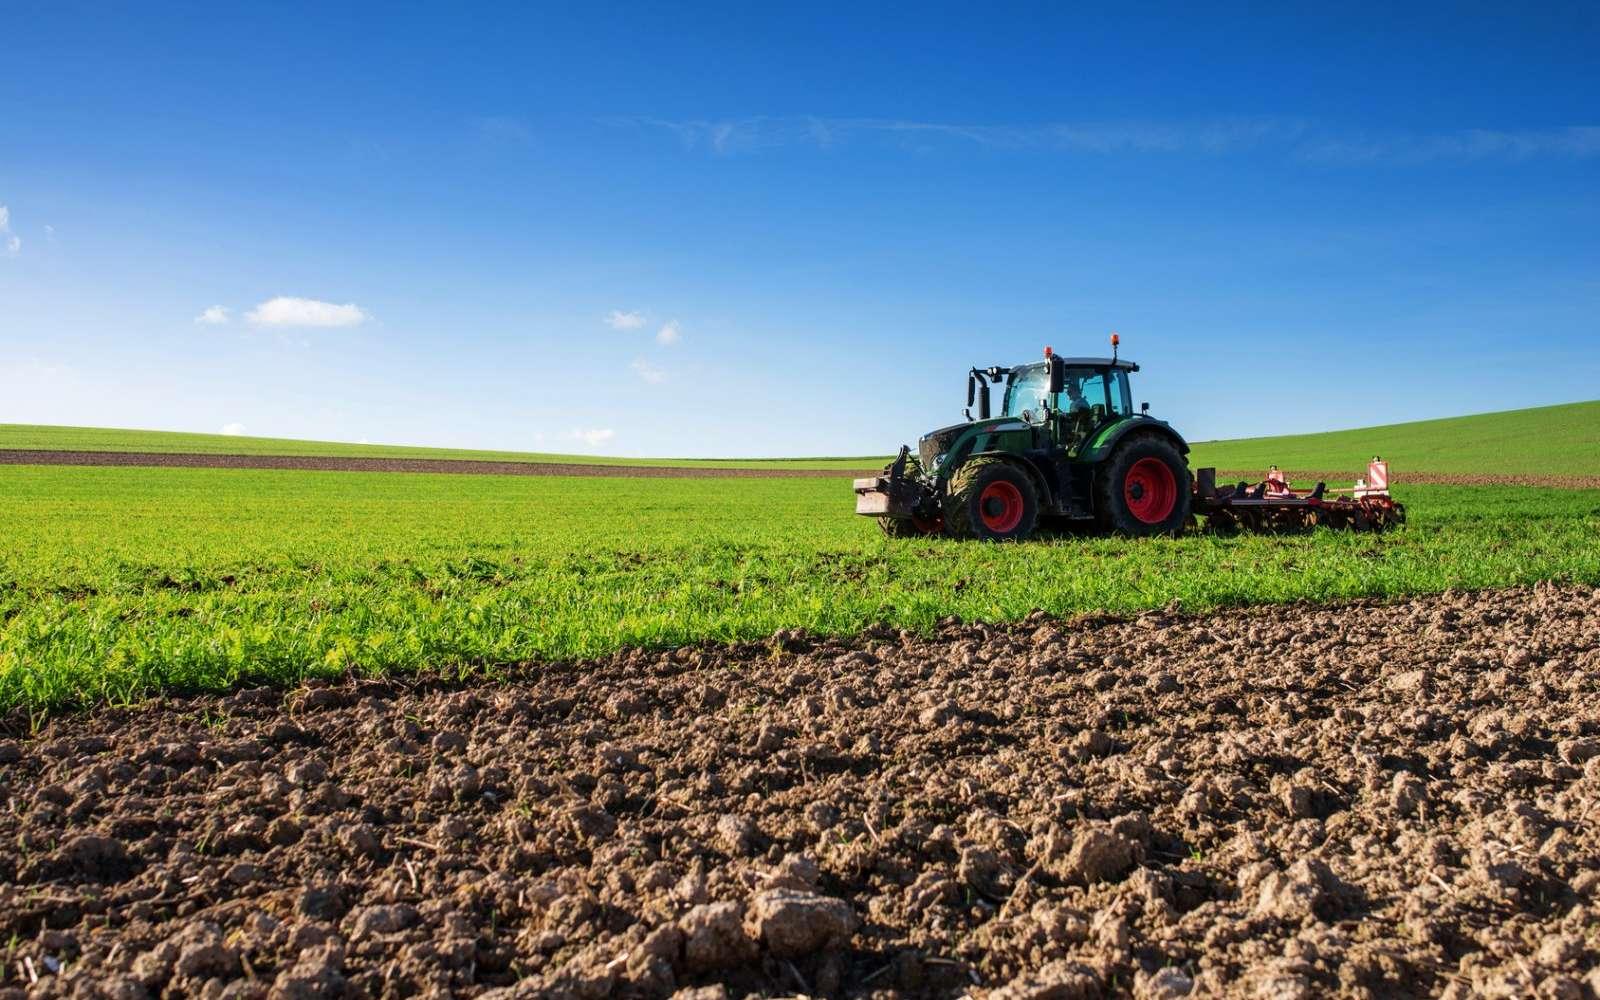 Avec le développement du commerce international, les chenilles hybrides pourraient rapidement se propager à tous les continents. © Image'in, Fotolia